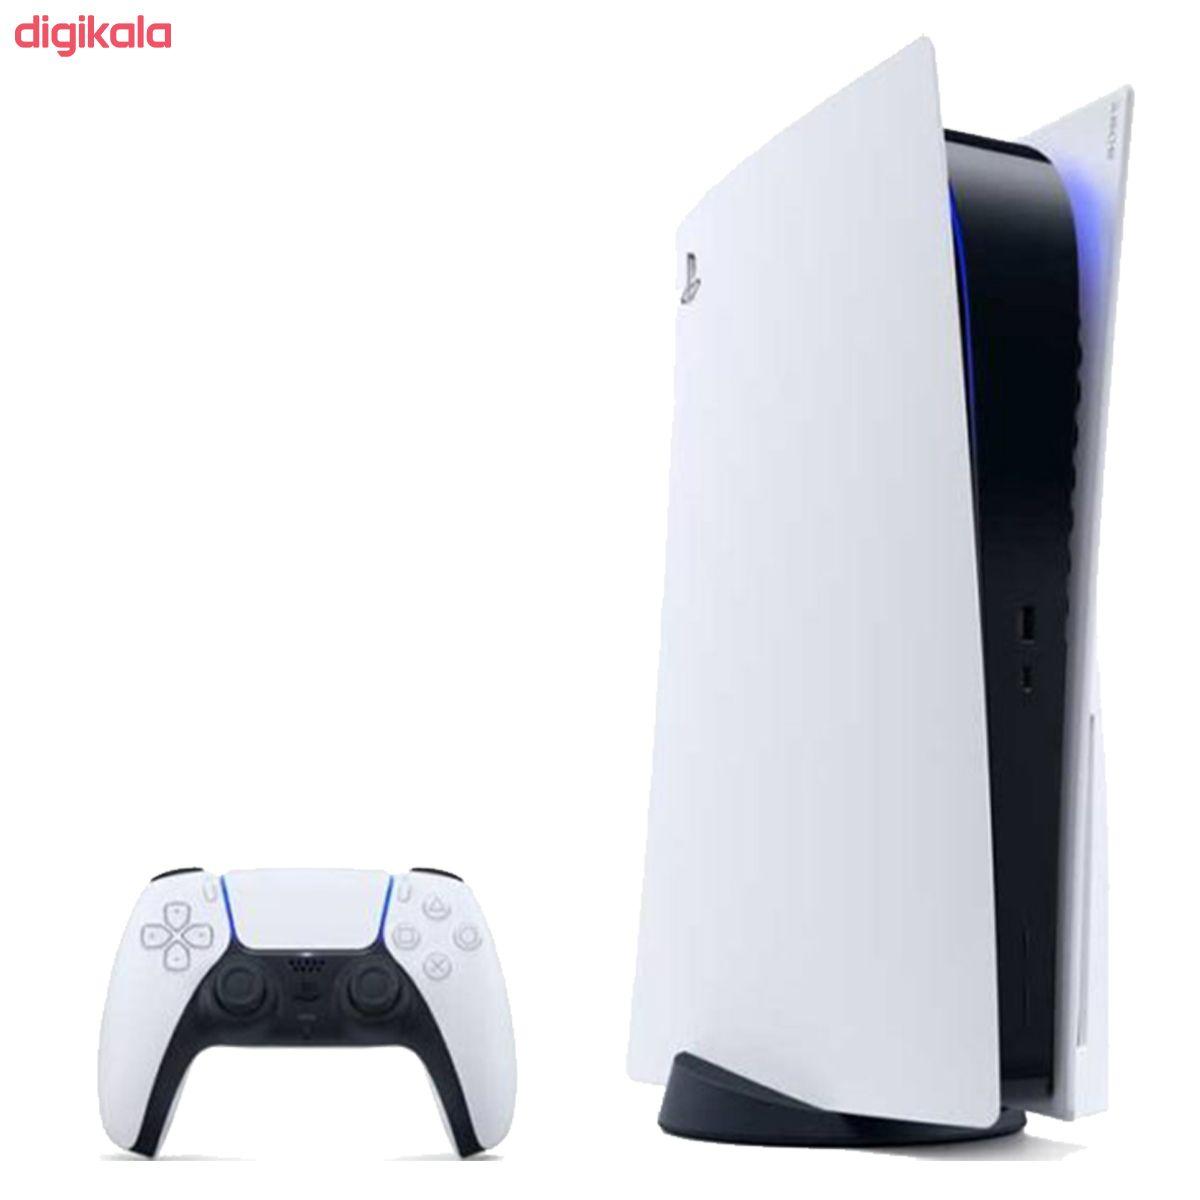 مجموعه کنسول بازی سونی مدل PlayStation 5 ظرفیت 825 گیگابایت به همراه دسته اضافی main 1 3